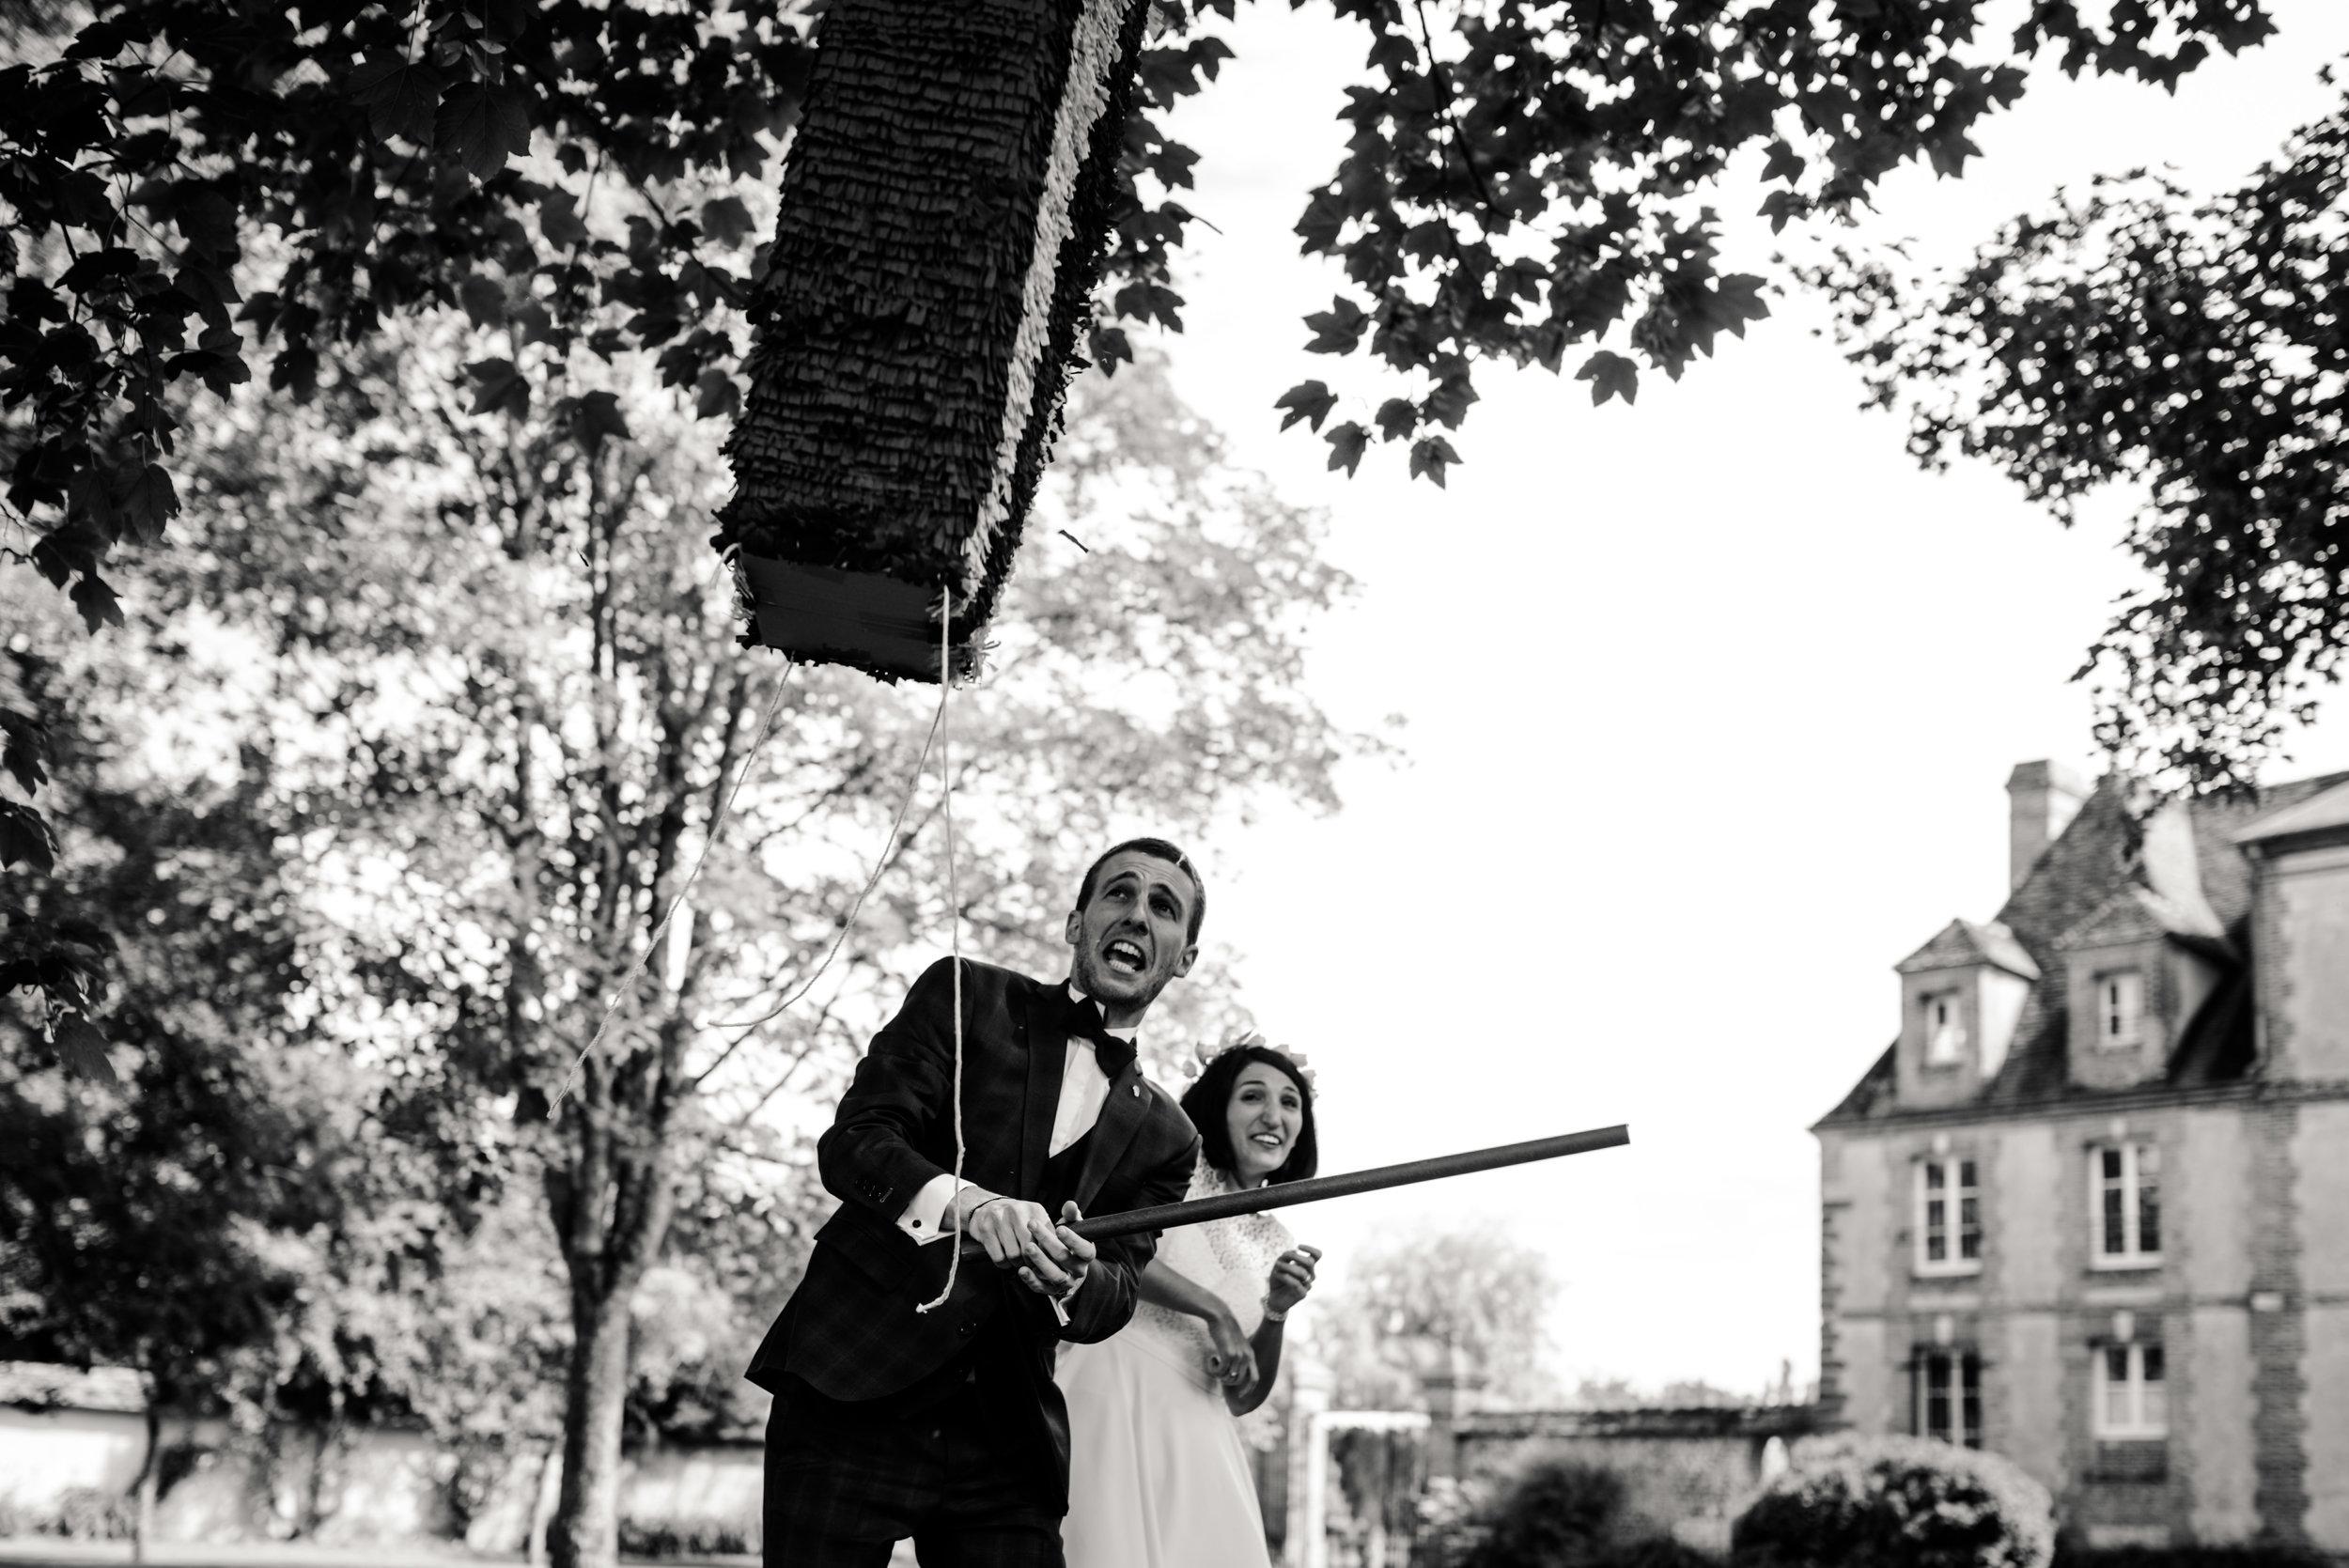 Léa-Fery-photographe-professionnel-lyon-rhone-alpes-portrait-creation-mariage-evenement-evenementiel-famille-2-144.jpg